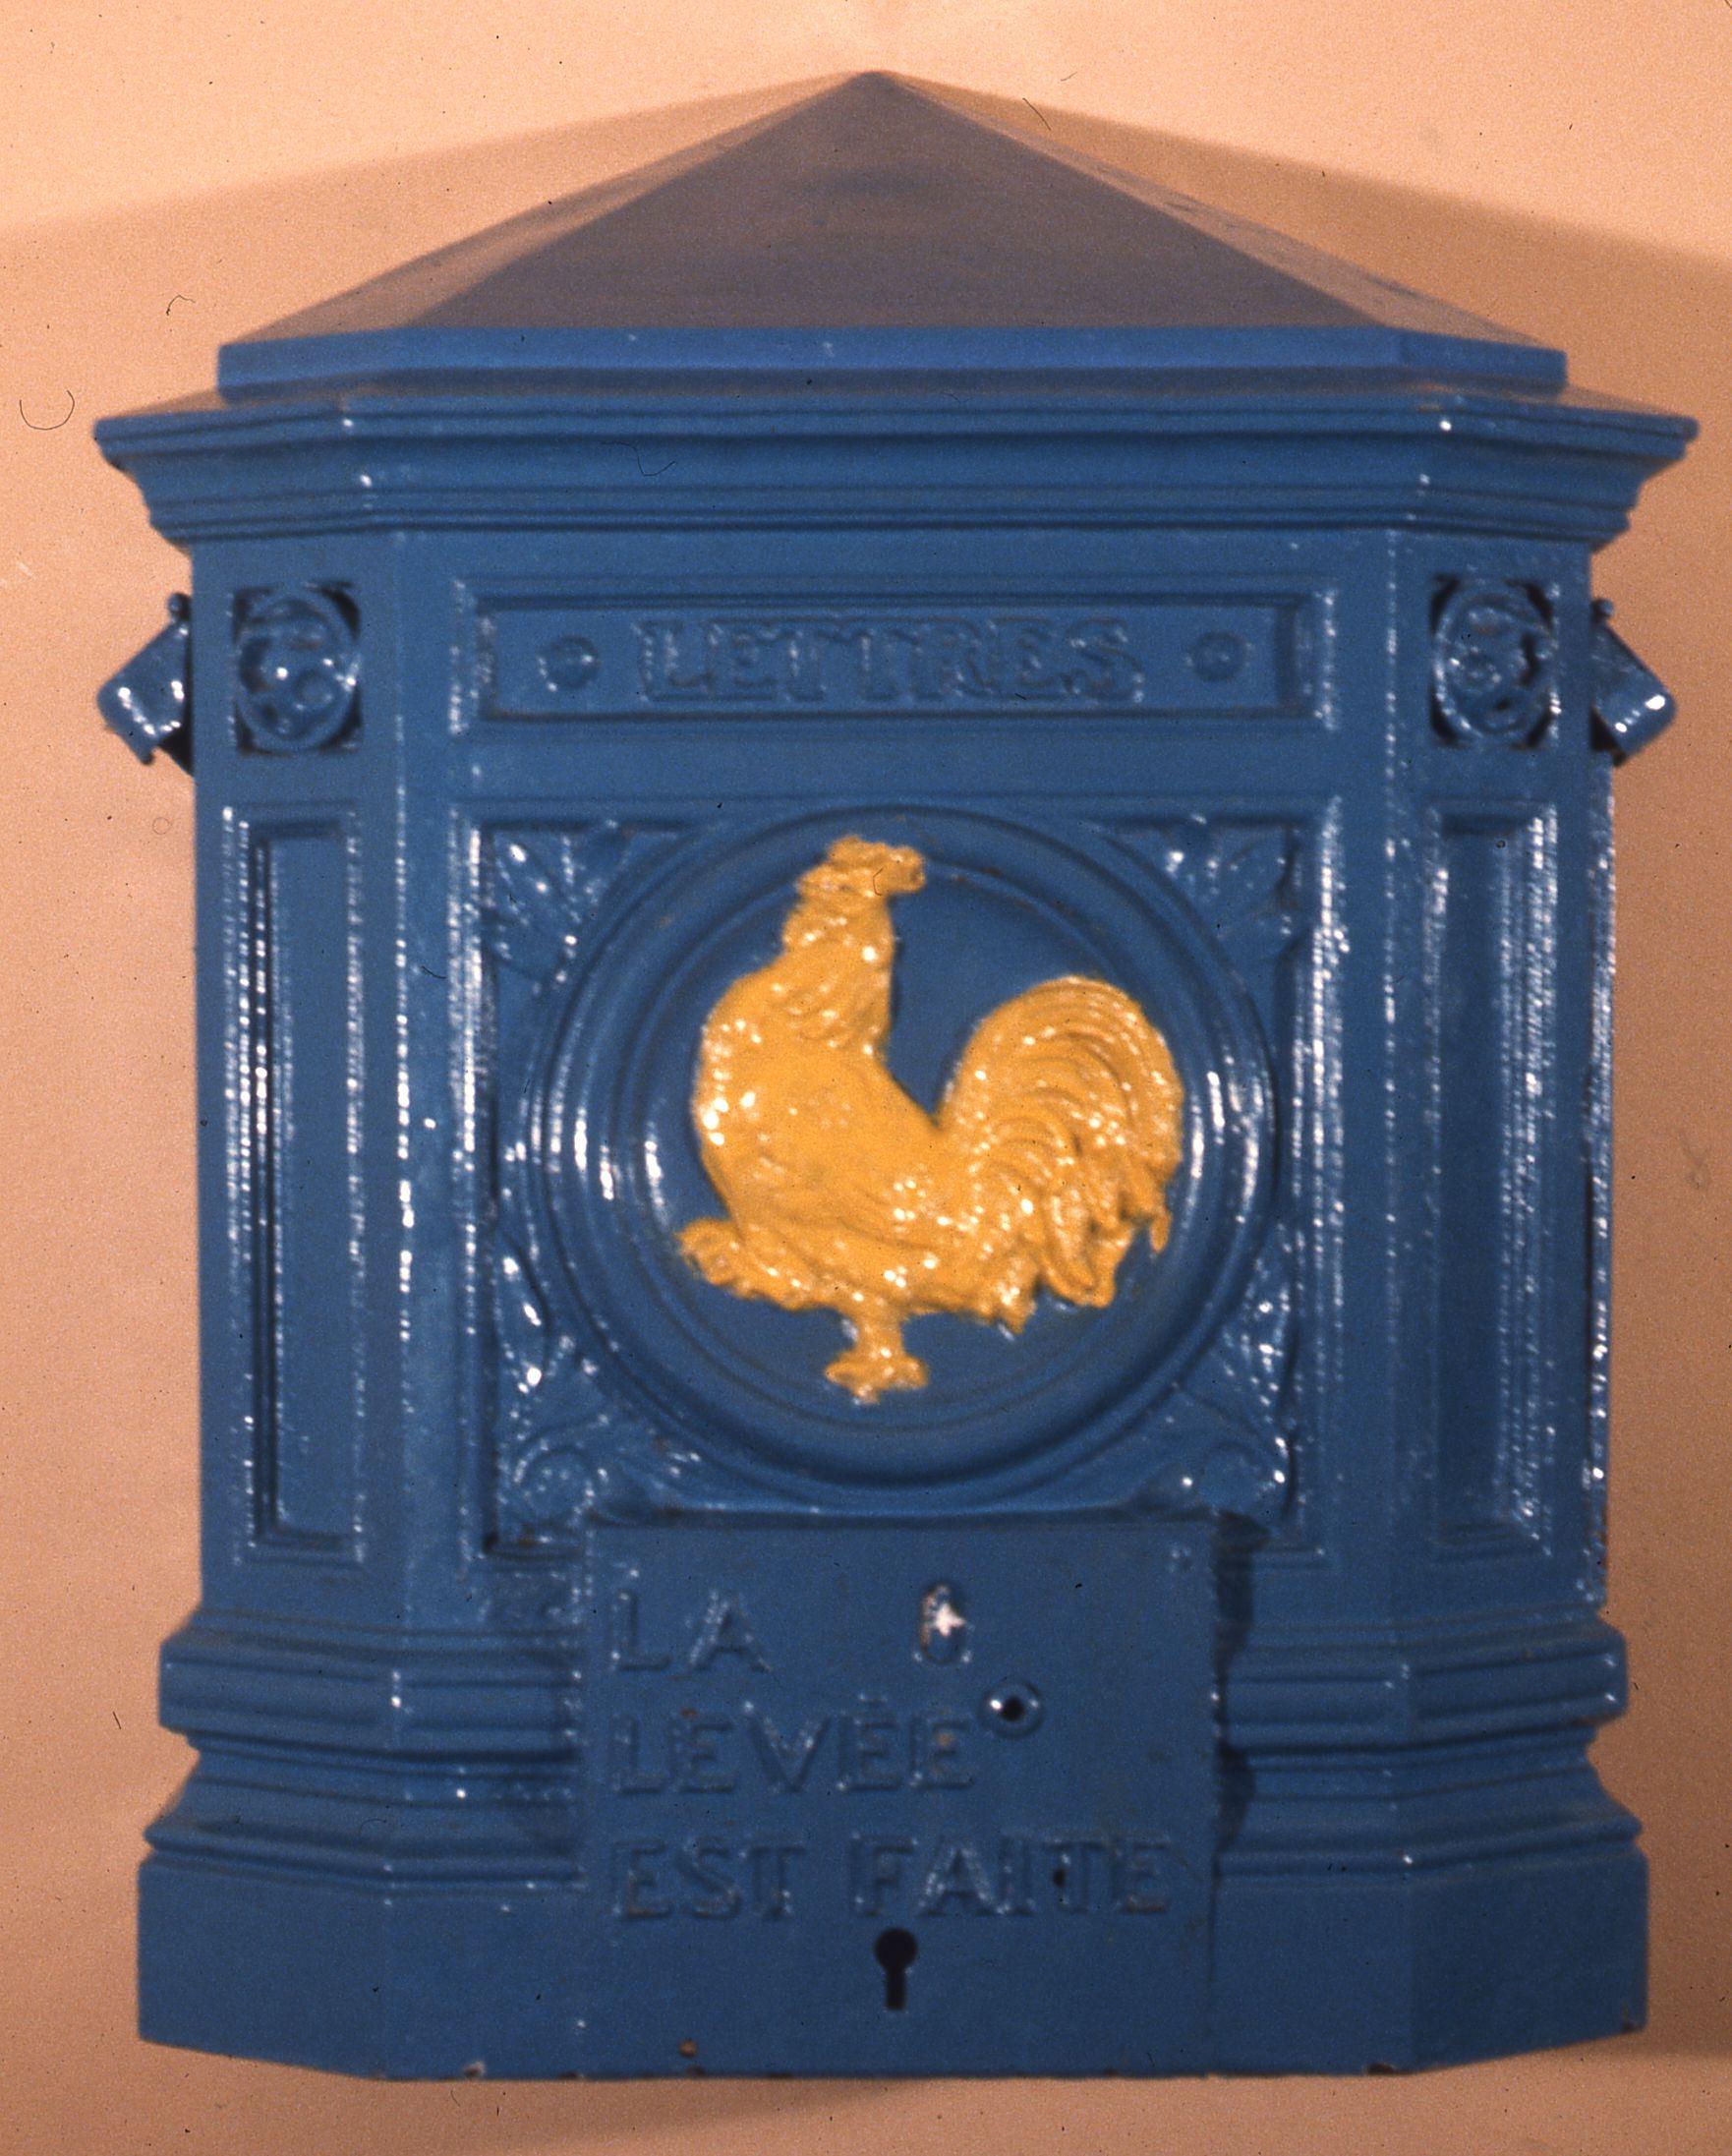 Boîte aux lettres type coq 1925 © L'Adresse Musée de La Poste / La Poste, DR